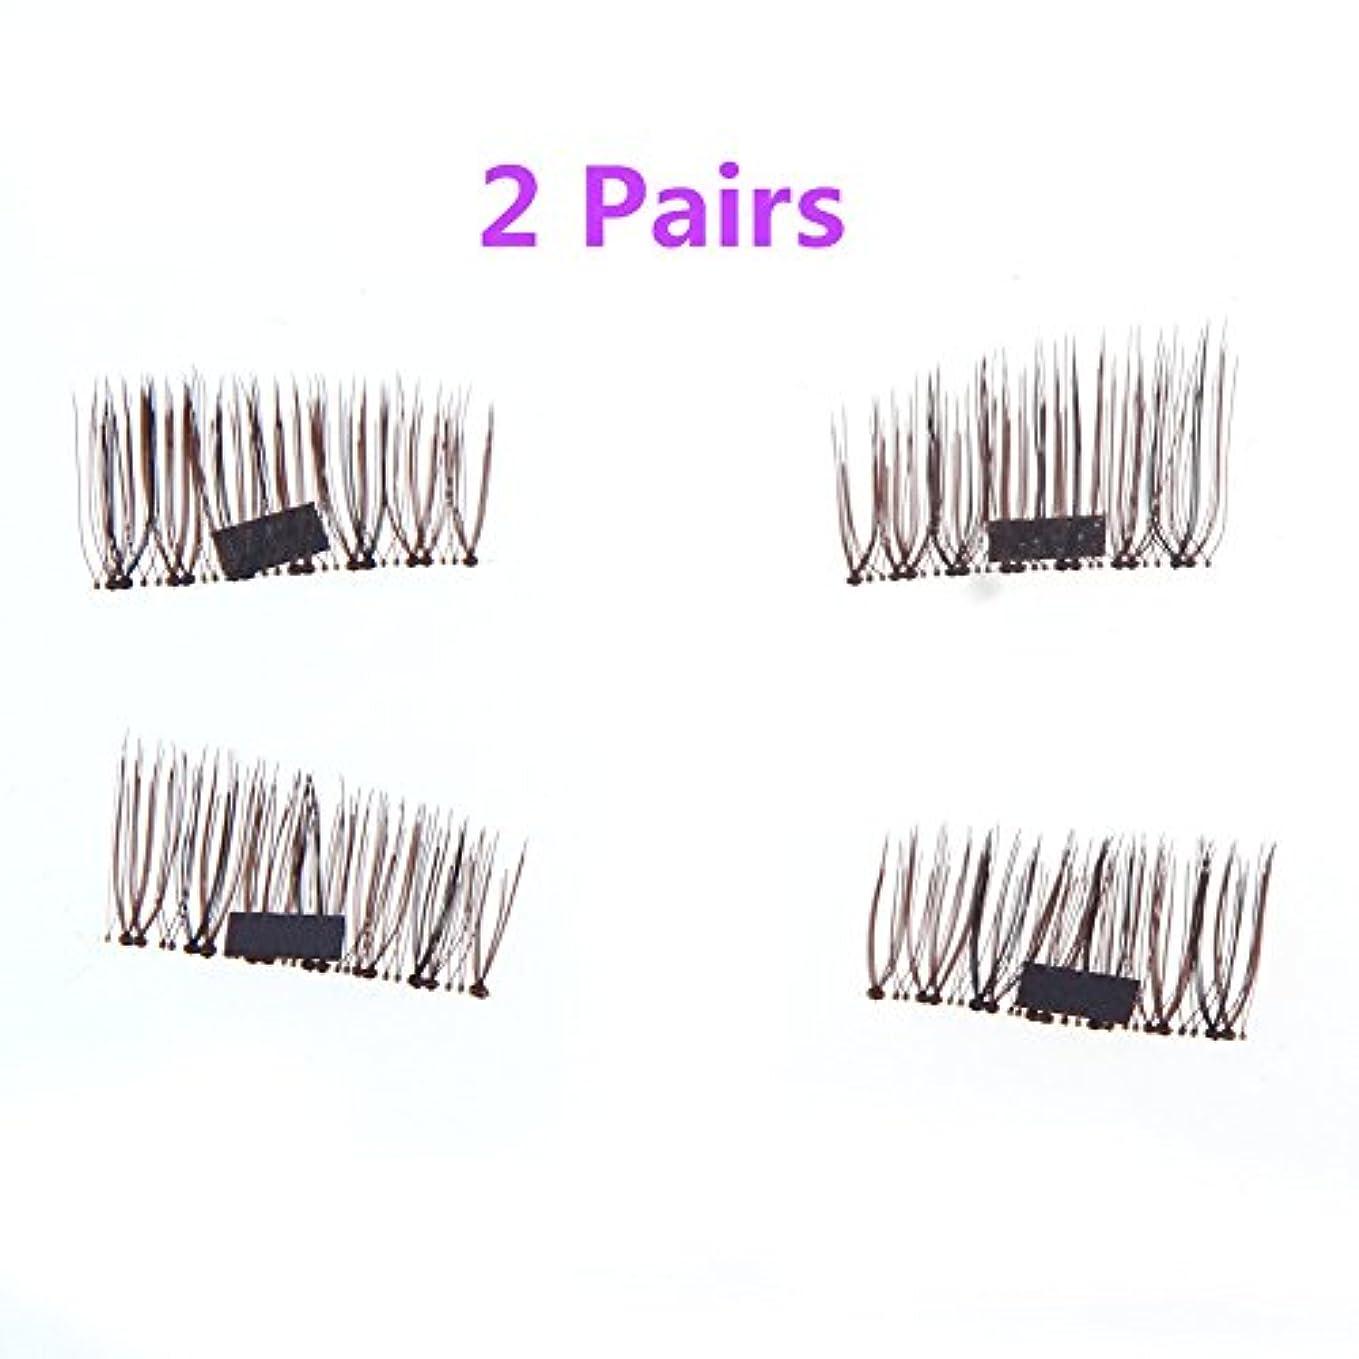 に付ける権限相手Cozyrom 2ペアセット つけまつげ 磁気 3D マグネット 付け睫毛 Magnet eyelashes 磁性 長い 再利用可能 濃密 簡単に装着 手作り